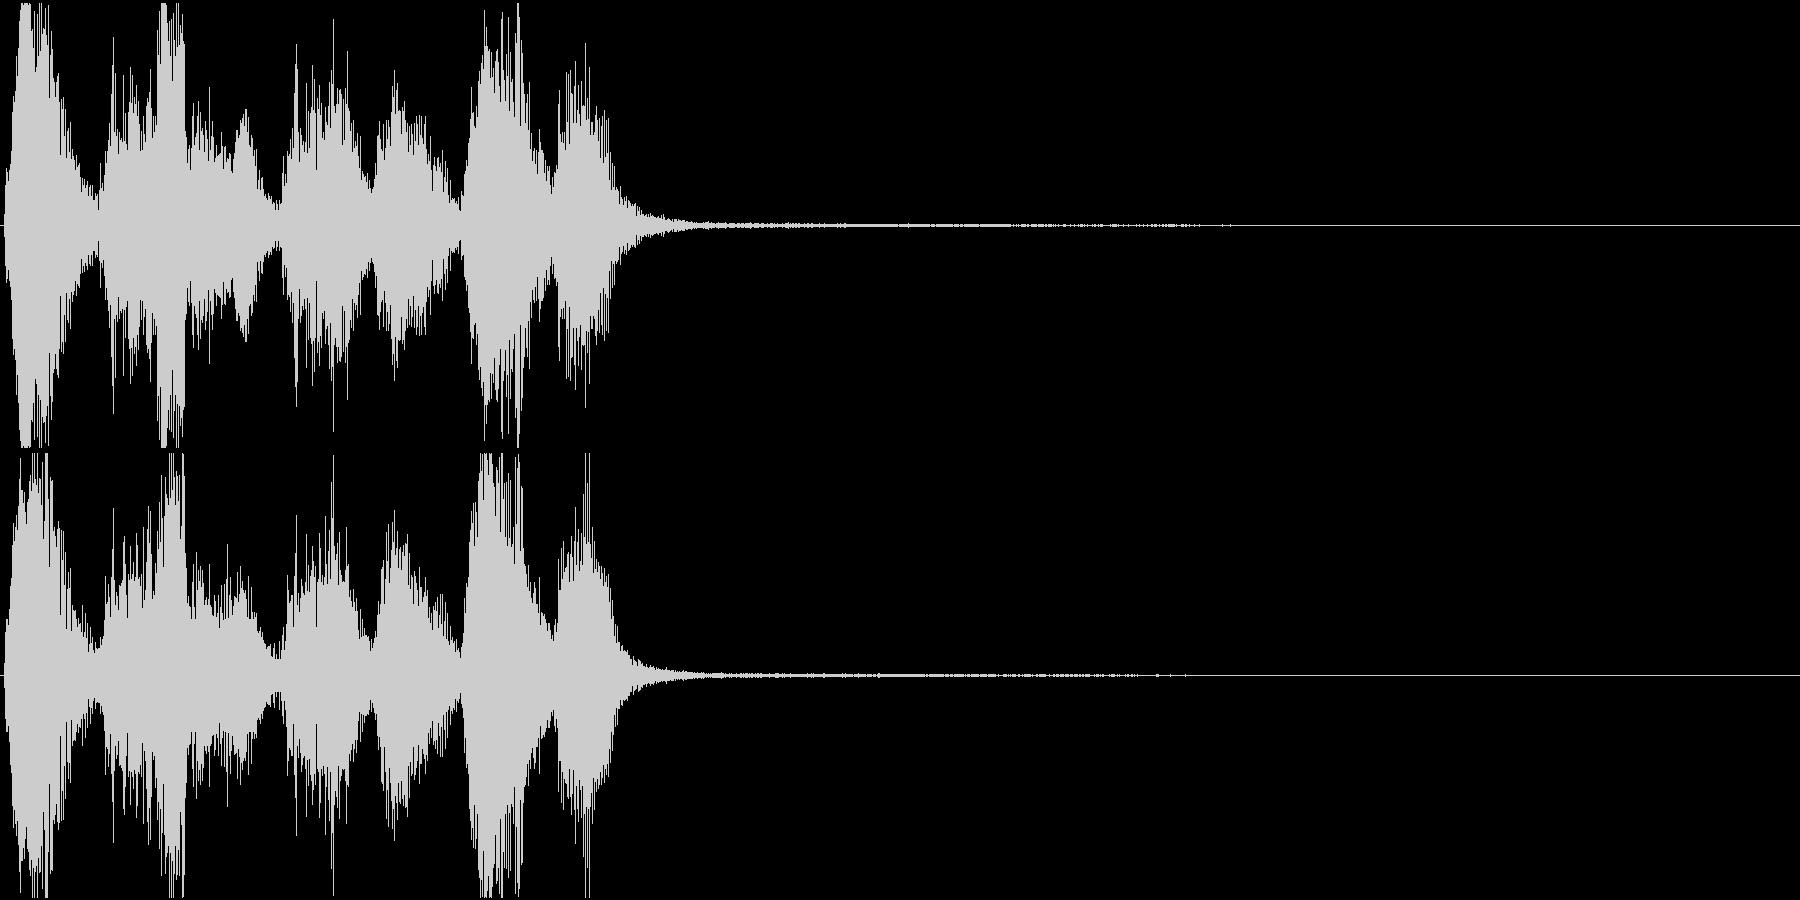 トランペット ファンファーレ 定番 3の未再生の波形